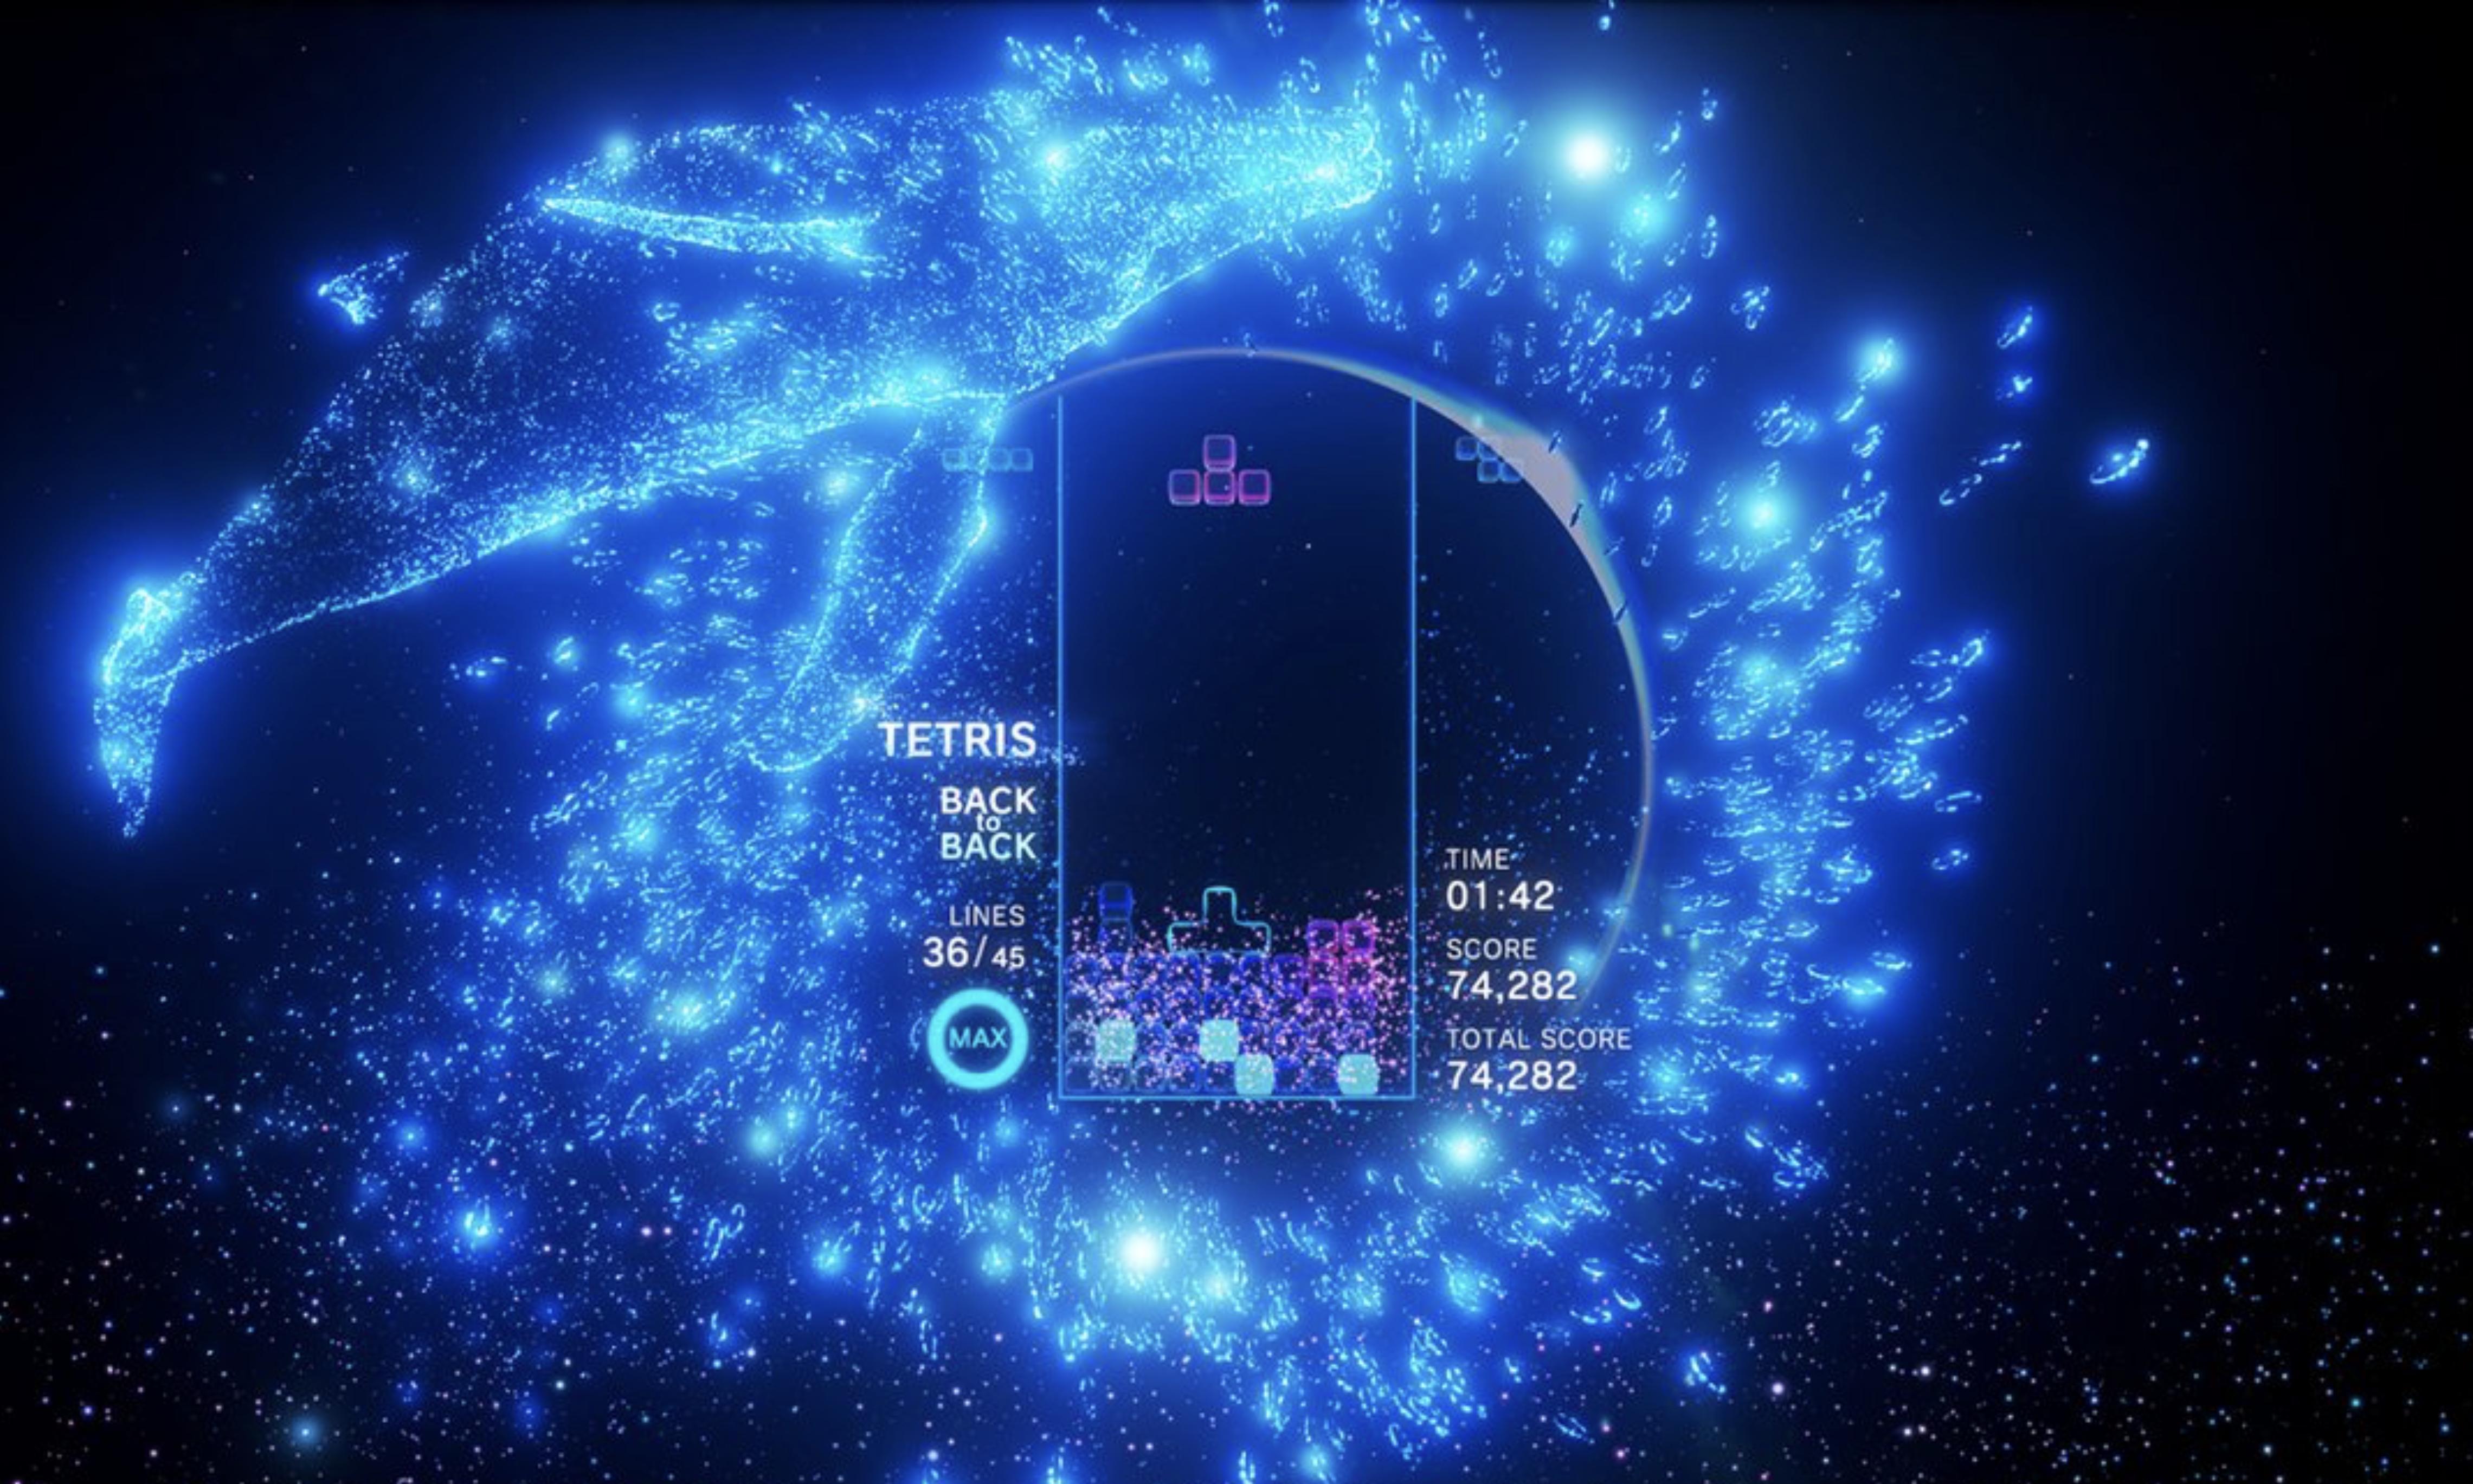 VR 版的俄罗斯方块!索尼发布 PSVR 游戏《俄罗斯方块:效应》